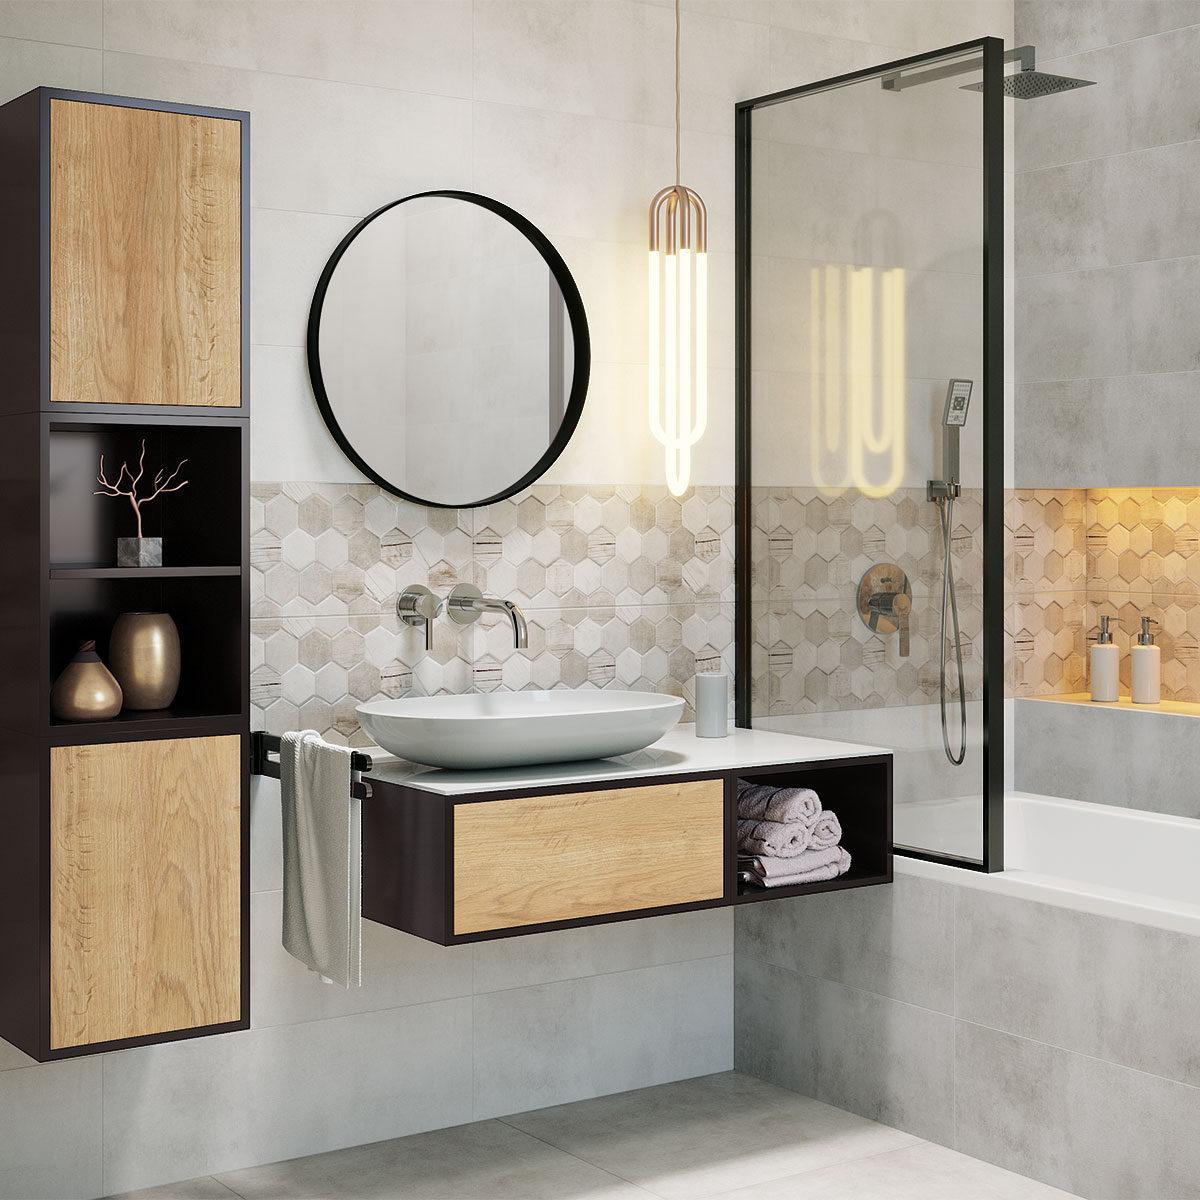 Moderní interiér koupelny